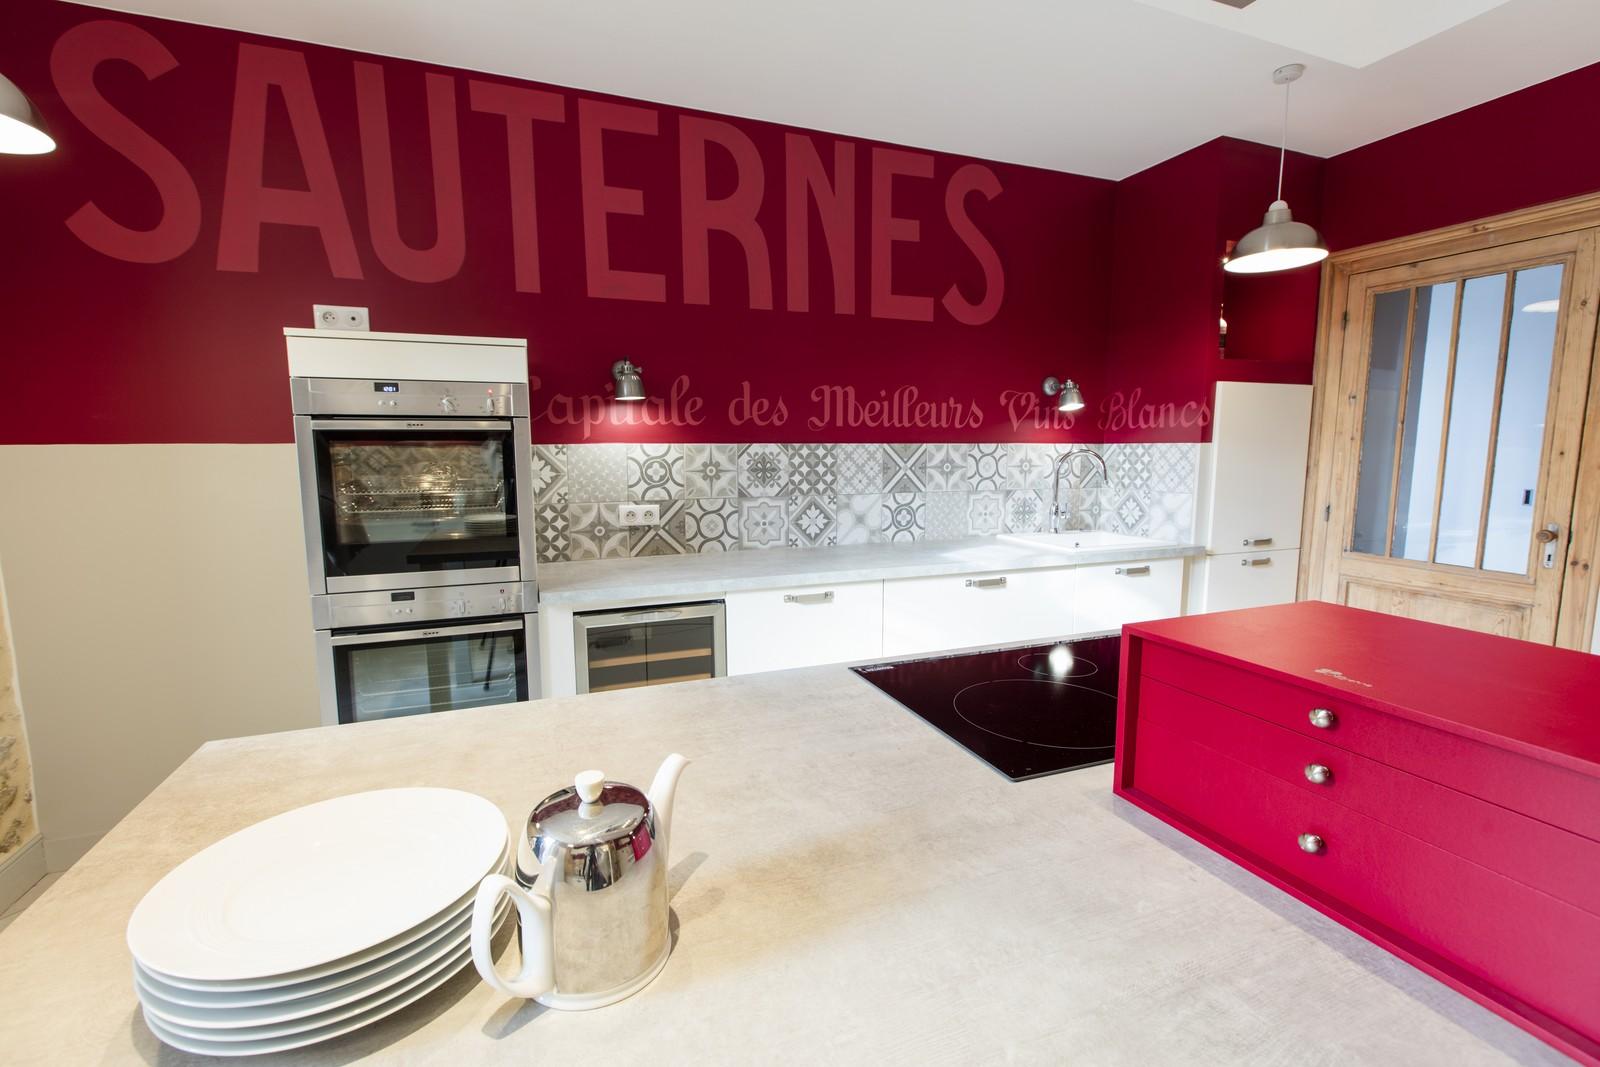 La Sauternaise – SAUTERNES – Sud-Gironde